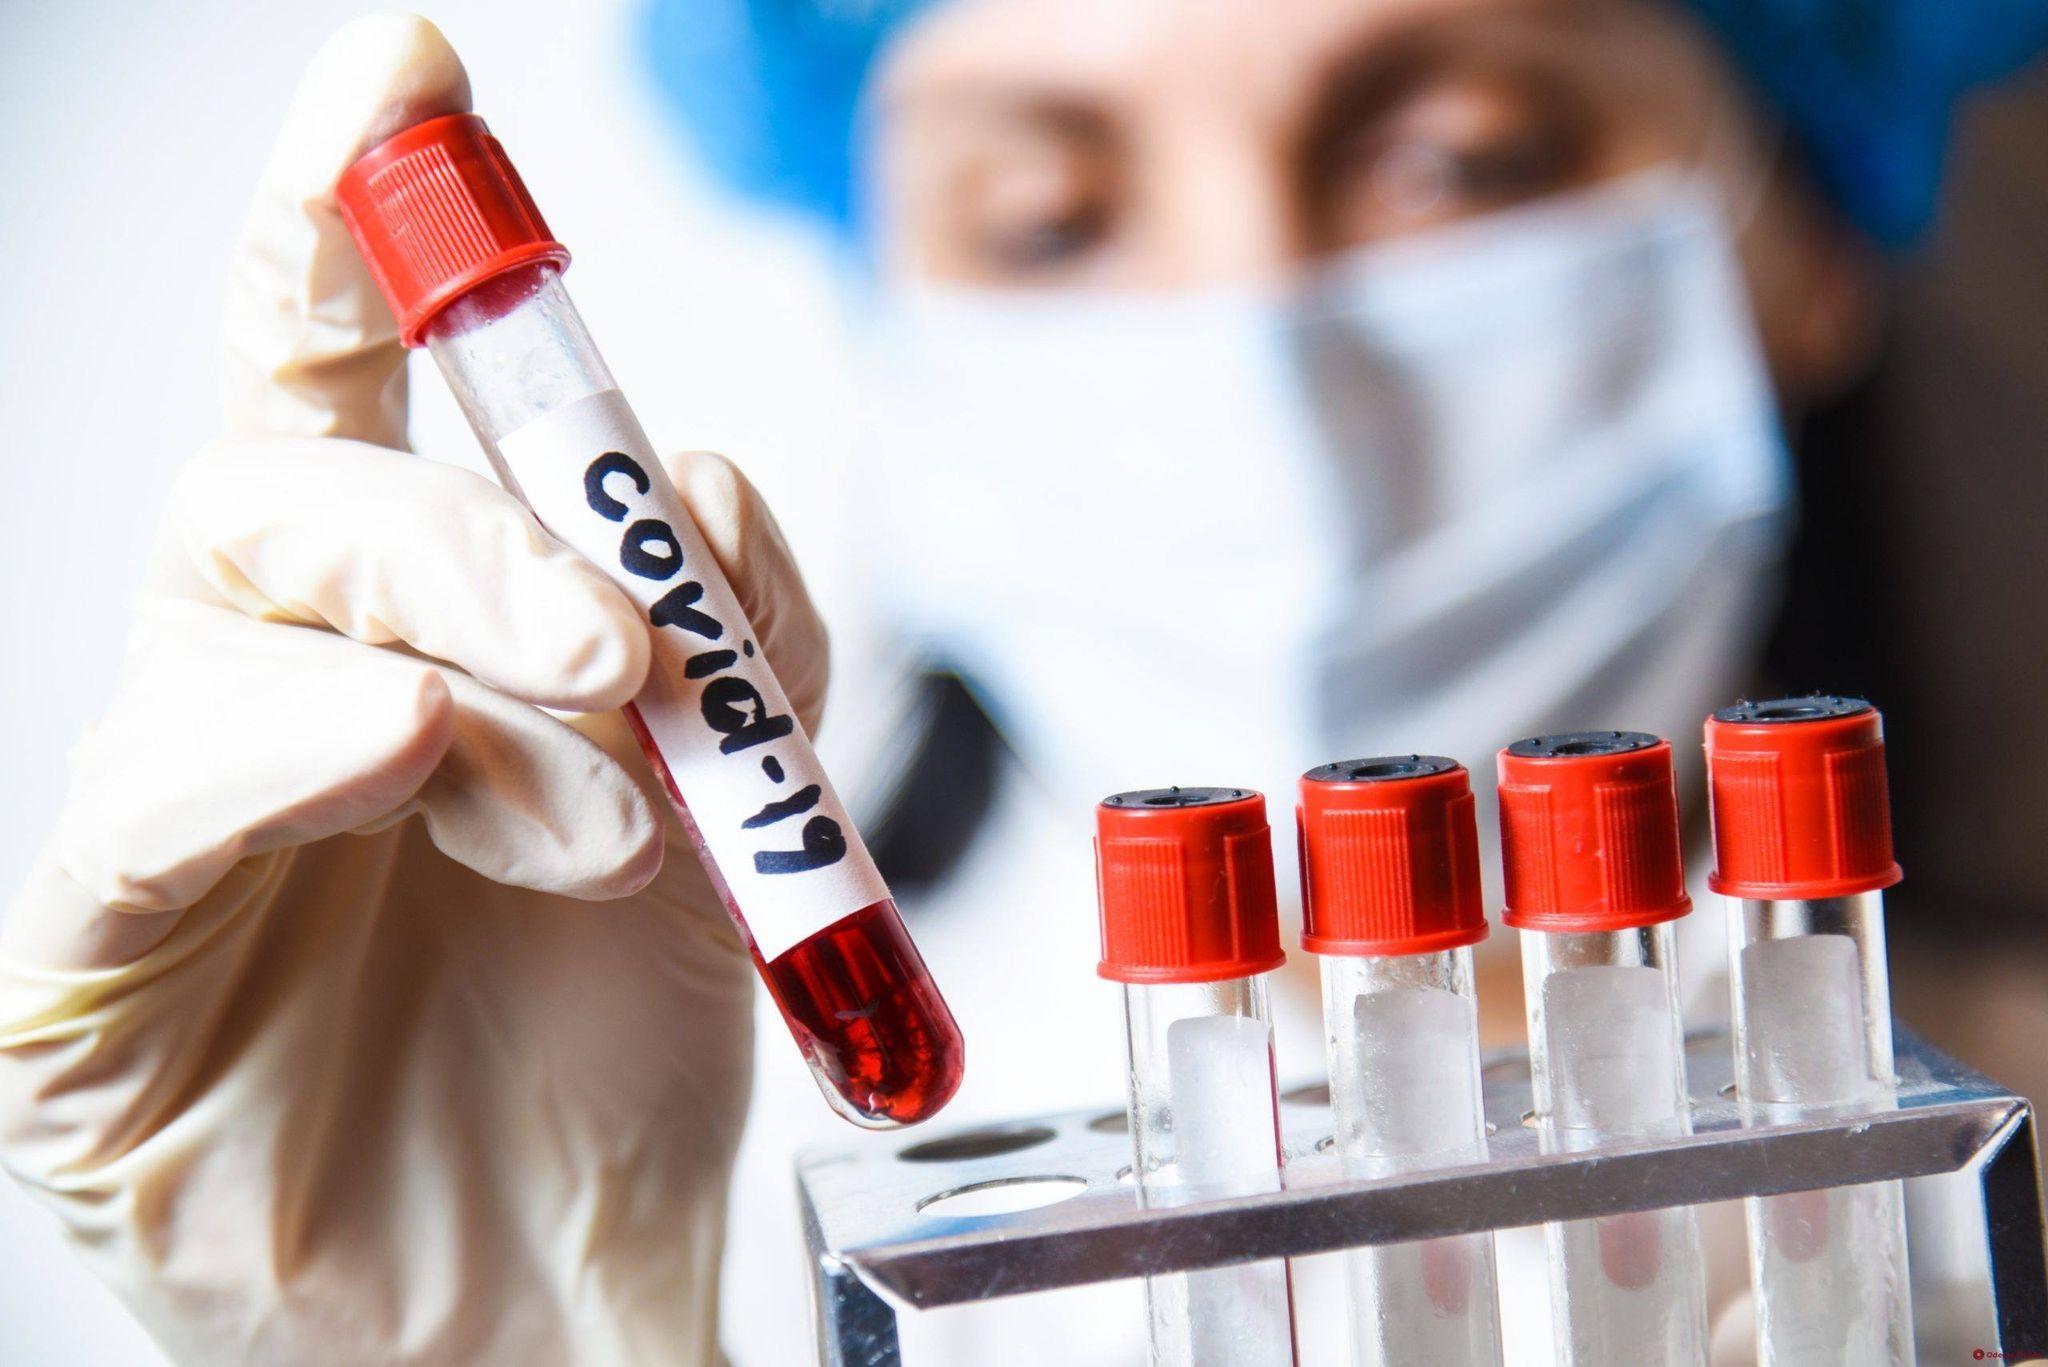 Більше половини українців можуть мати імунітет до COVID-19 - дослідження «Сінево»